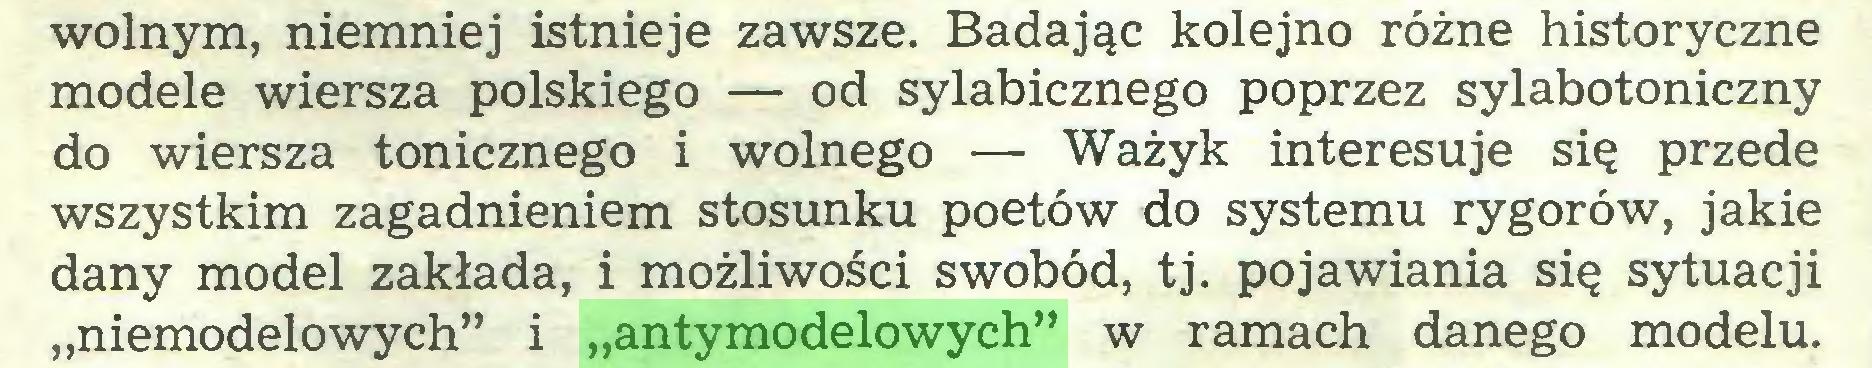 """(...) wolnym, niemniej istnieje zawsze. Badając kolejno różne historyczne modele wiersza polskiego — od sylabicznego poprzez sylabotoniczny do wiersza tonicznego i wolnego — Ważyk interesuje się przede wszystkim zagadnieniem stosunku poetów do systemu rygorów, jakie dany model zakłada, i możliwości swobód, tj. pojawiania się sytuacji """"niemodelowych"""" i """"antymodelowych"""" w ramach danego modelu..."""